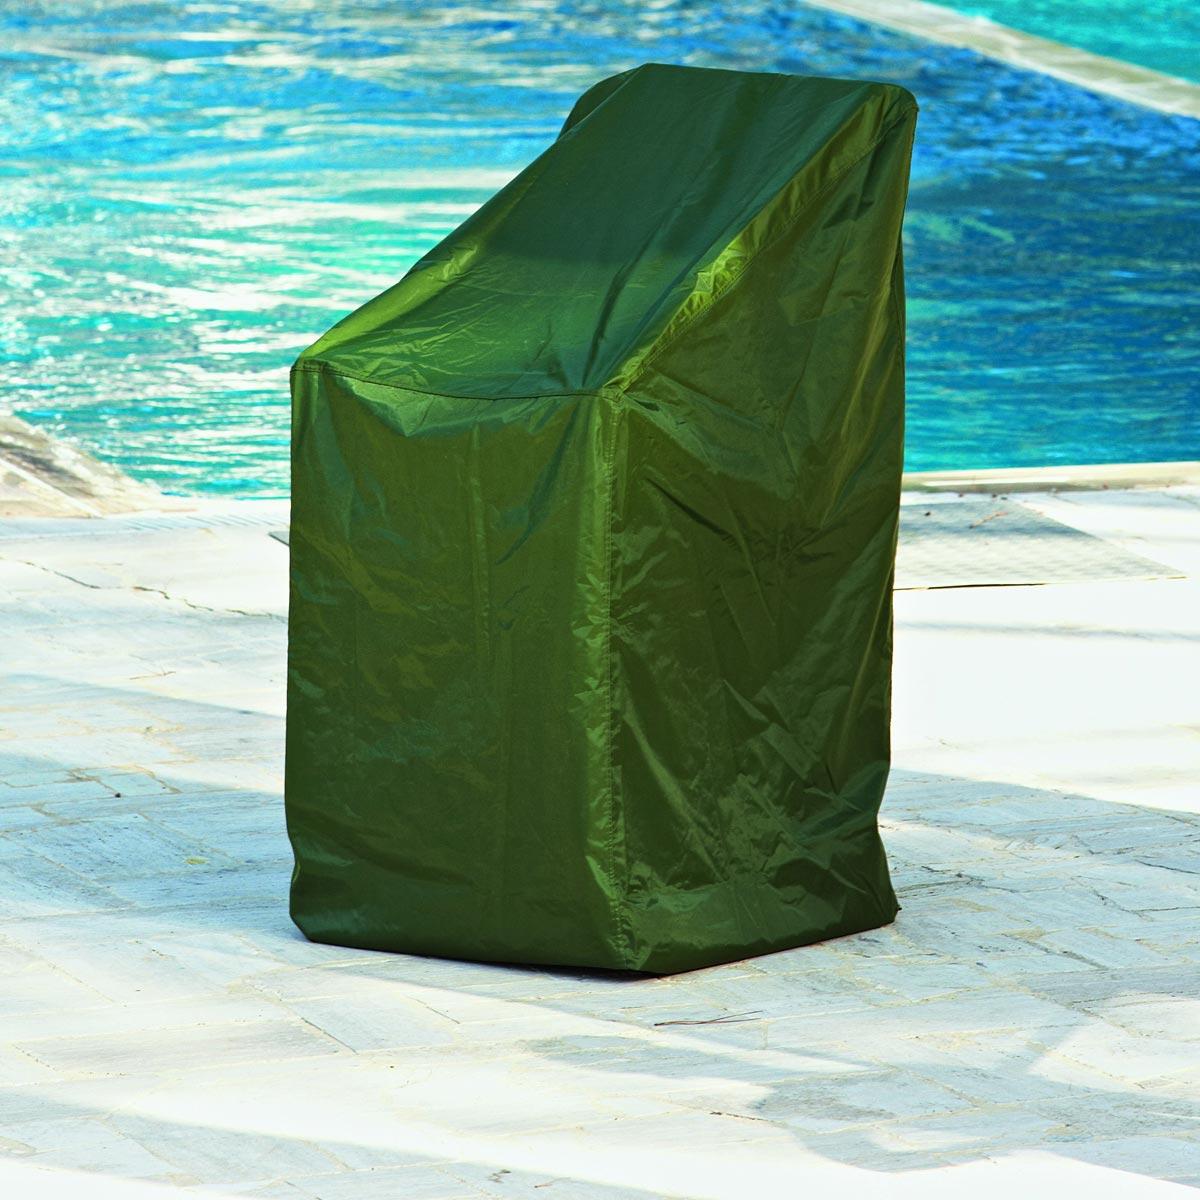 Housse de protection chaise pour pile de 4 chaises jardin acheter ce produit au meilleur prix - Housse de protection chaise ...